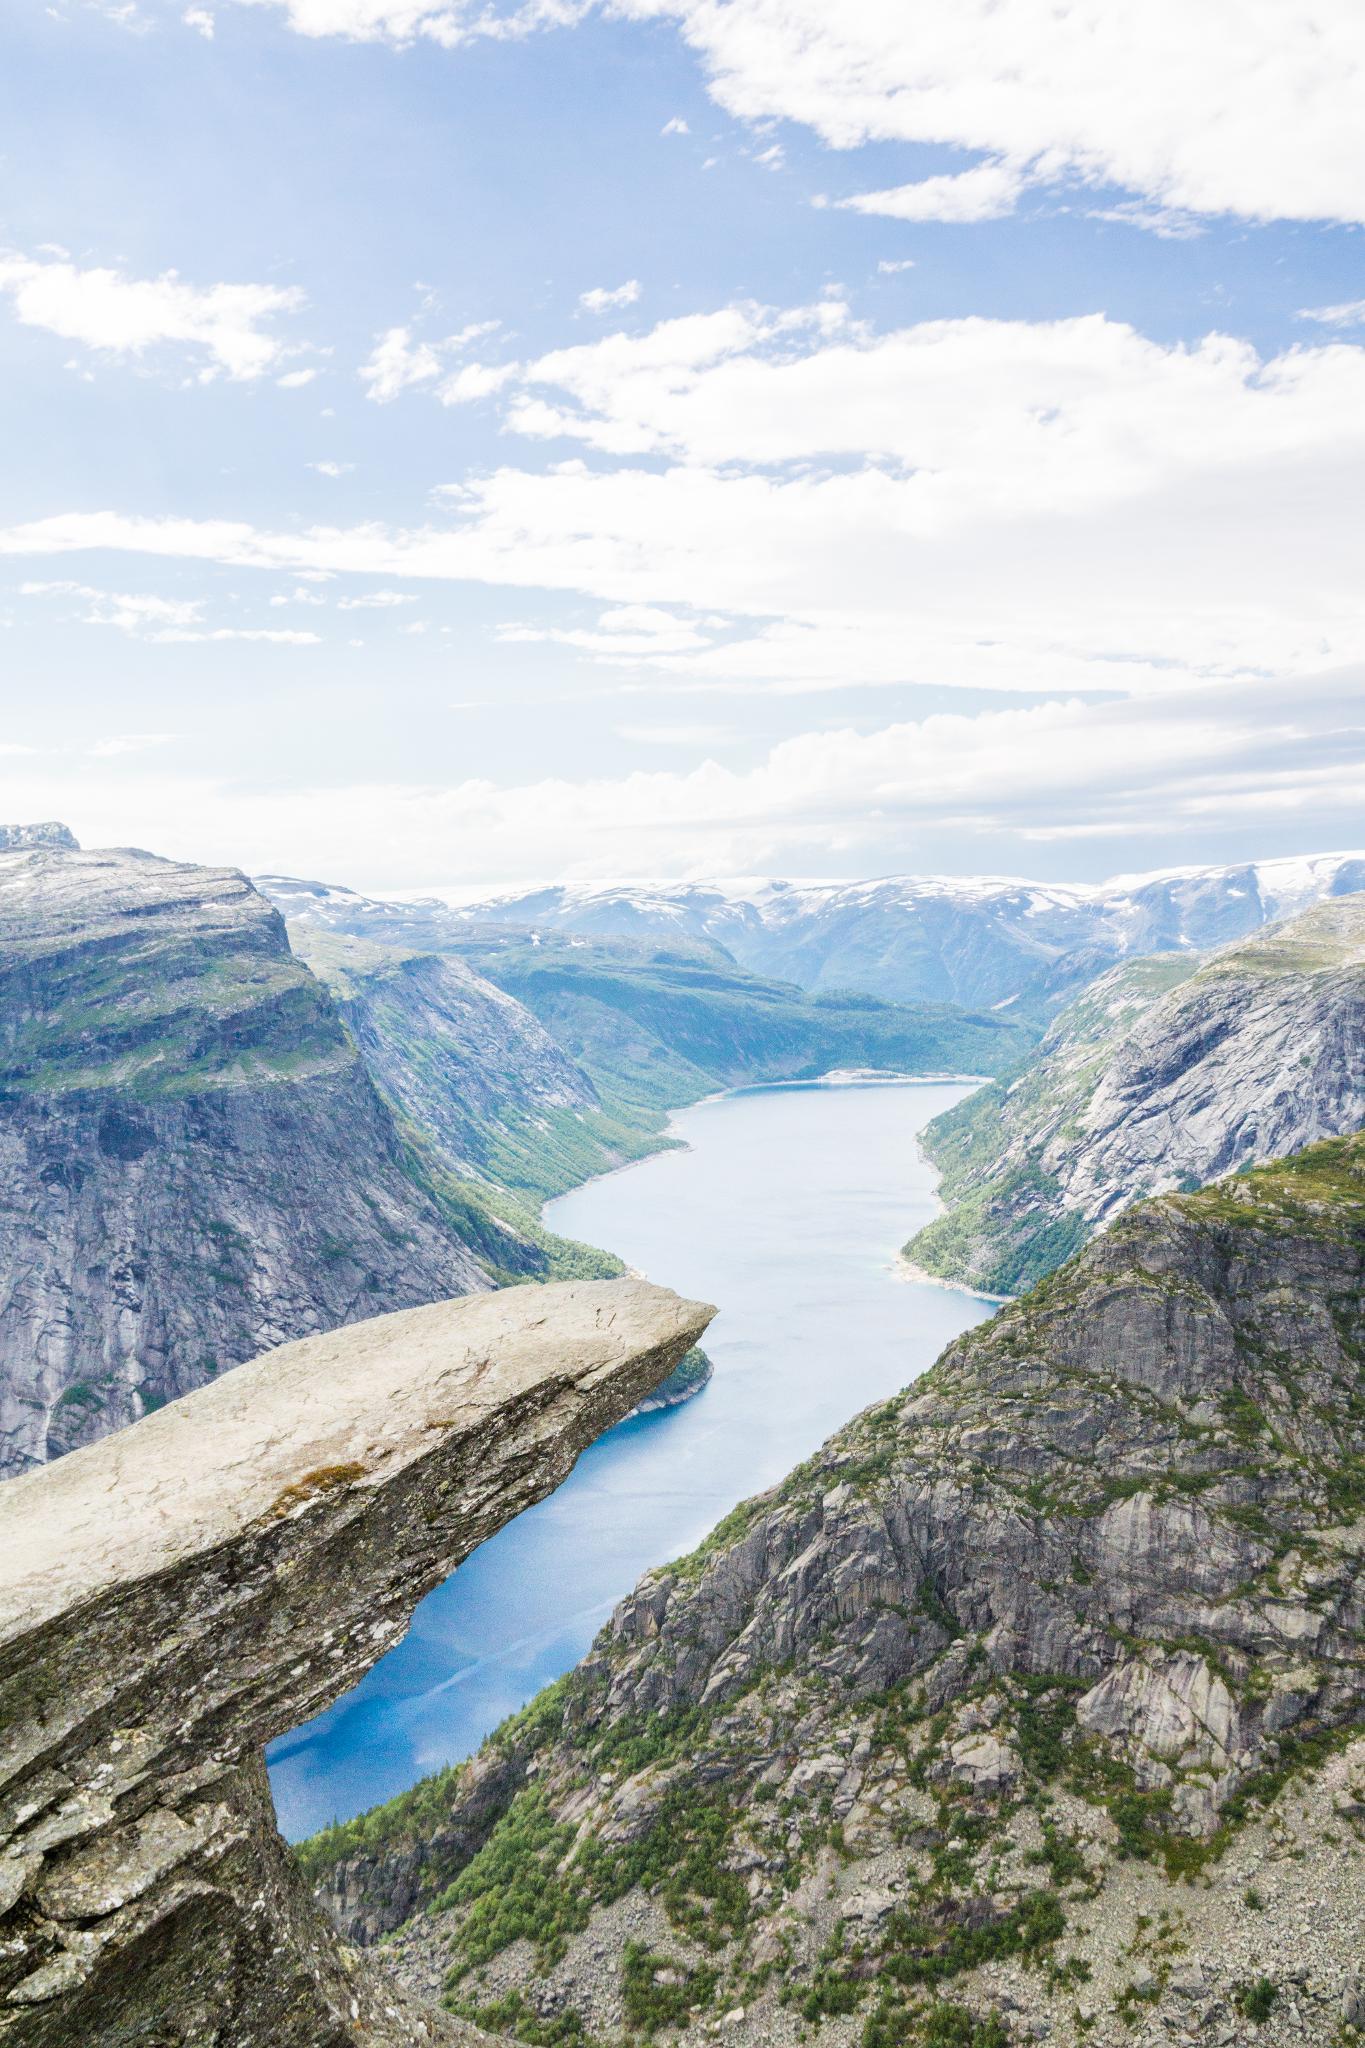 【北歐景點】挪威惡魔之舌 Trolltunga — 28公里健行挑戰全攻略 243